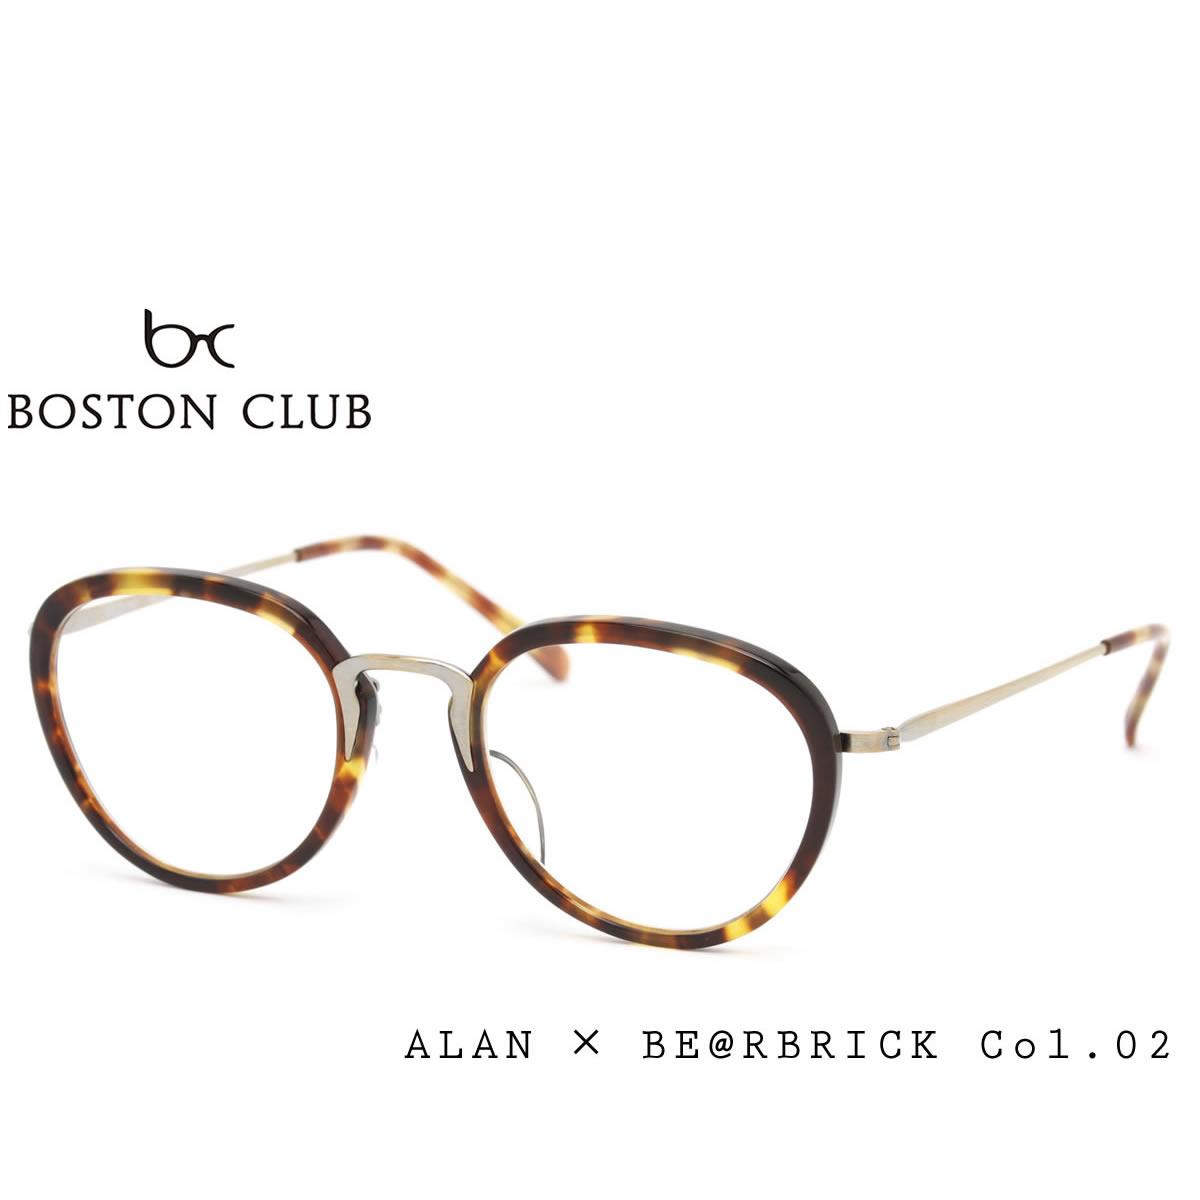 14時までのご注文は即日発送 ALAN 02 49サイズ BOSTON CLUB ボストンクラブ メガネ 伊達メガネセット メンズ レディース あす楽対応